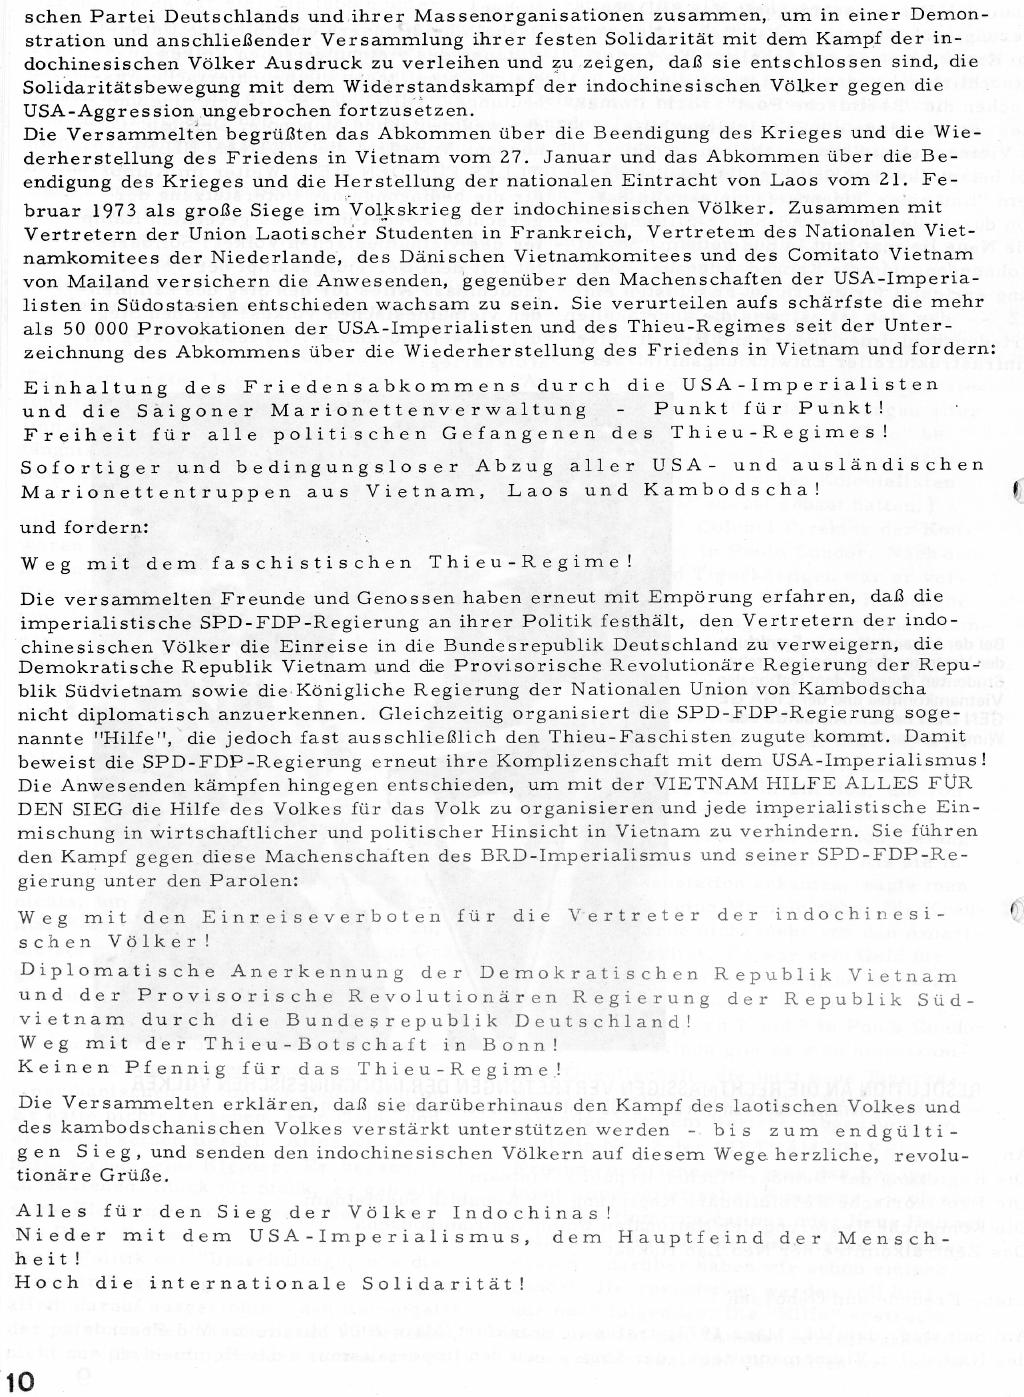 RPK_1973_009_010_10